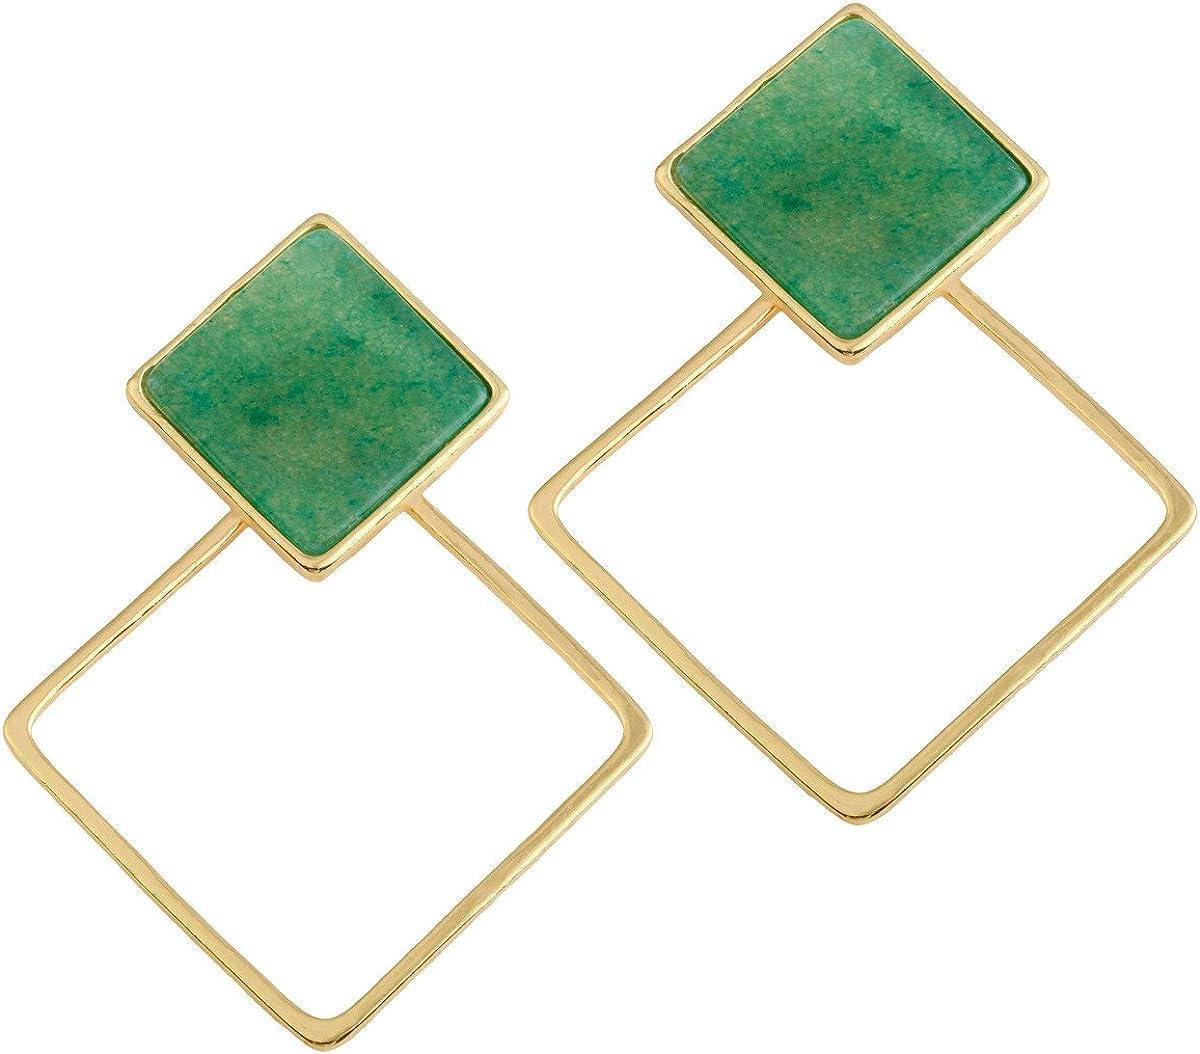 SUNYIK Crystal Stone Square Stud Earrings,Ear Jacket,for Women